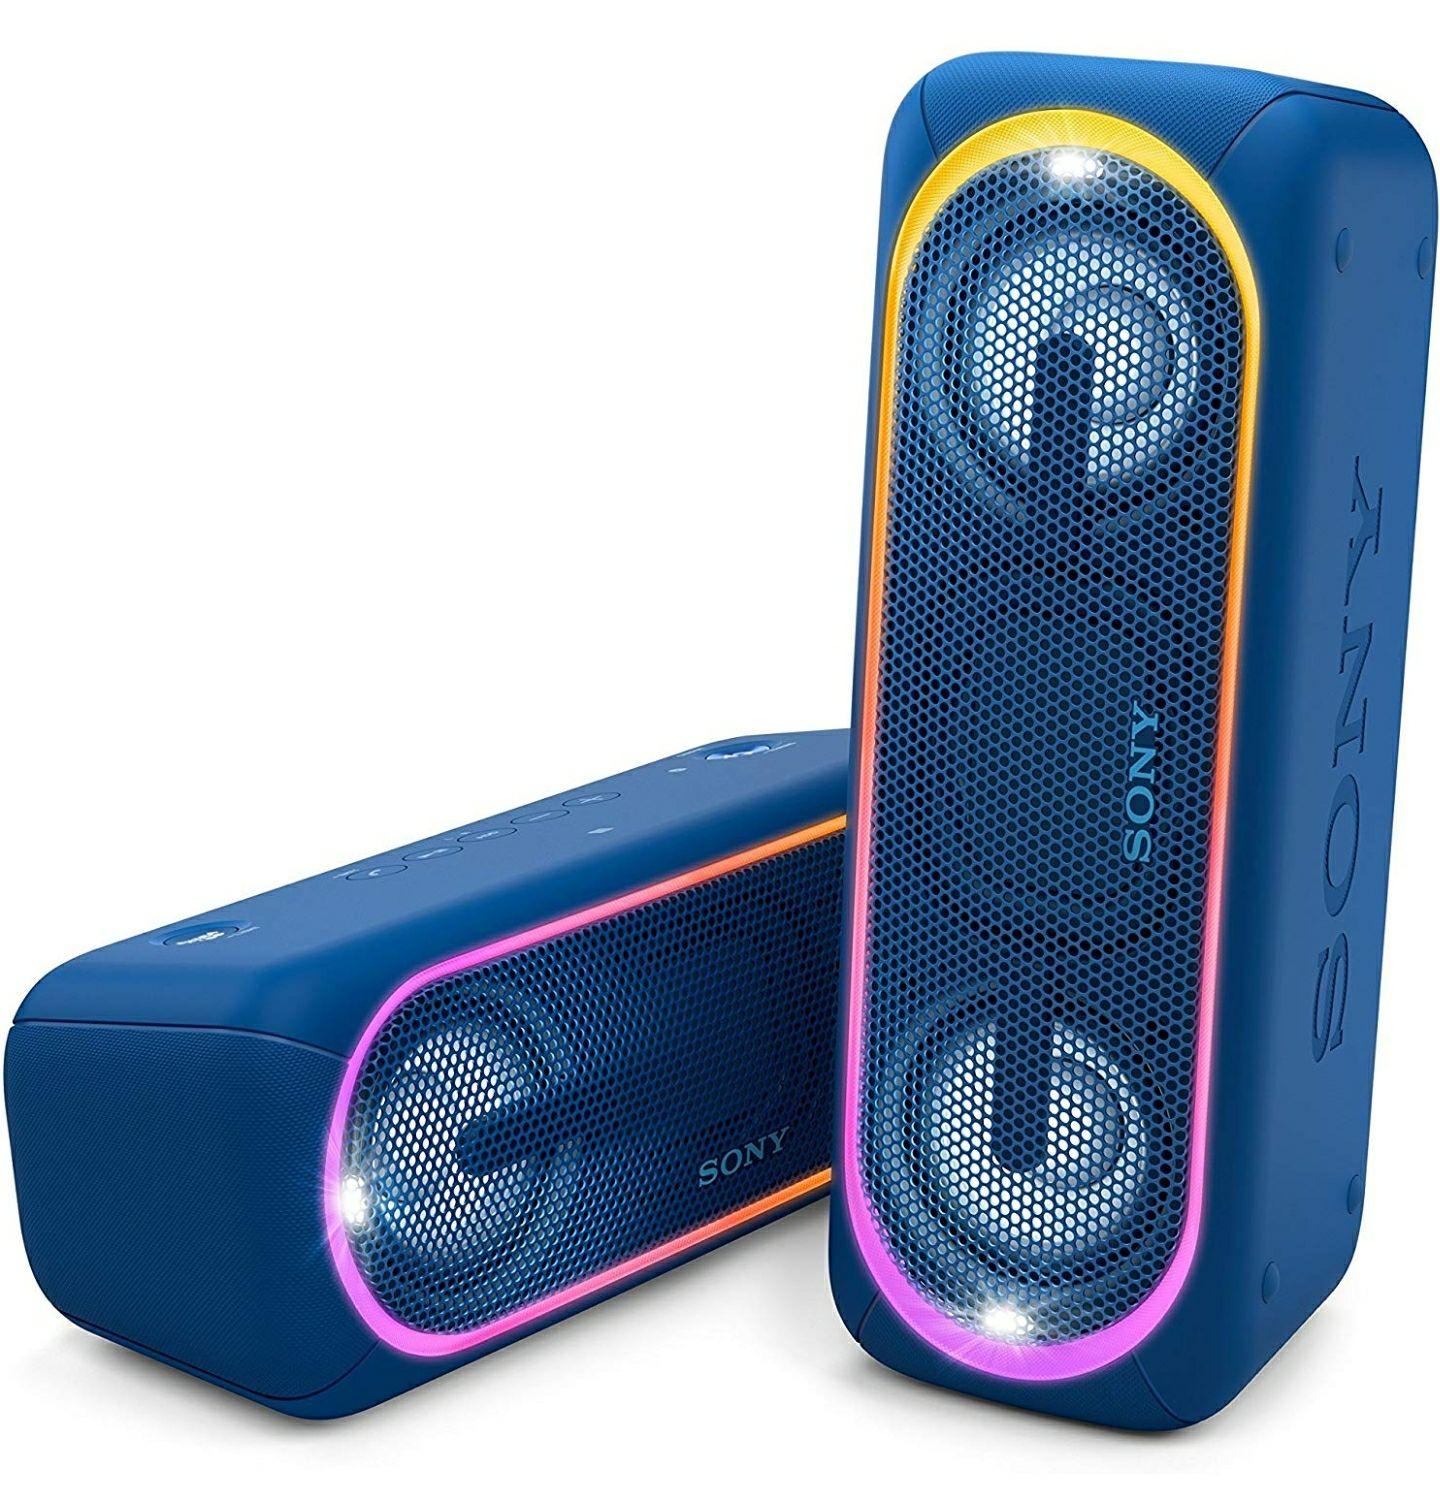 Sony SRS XB40 za 109€ głośnik bezprzewodowy z podświetleniem (dostępny niebieski i czerwony)